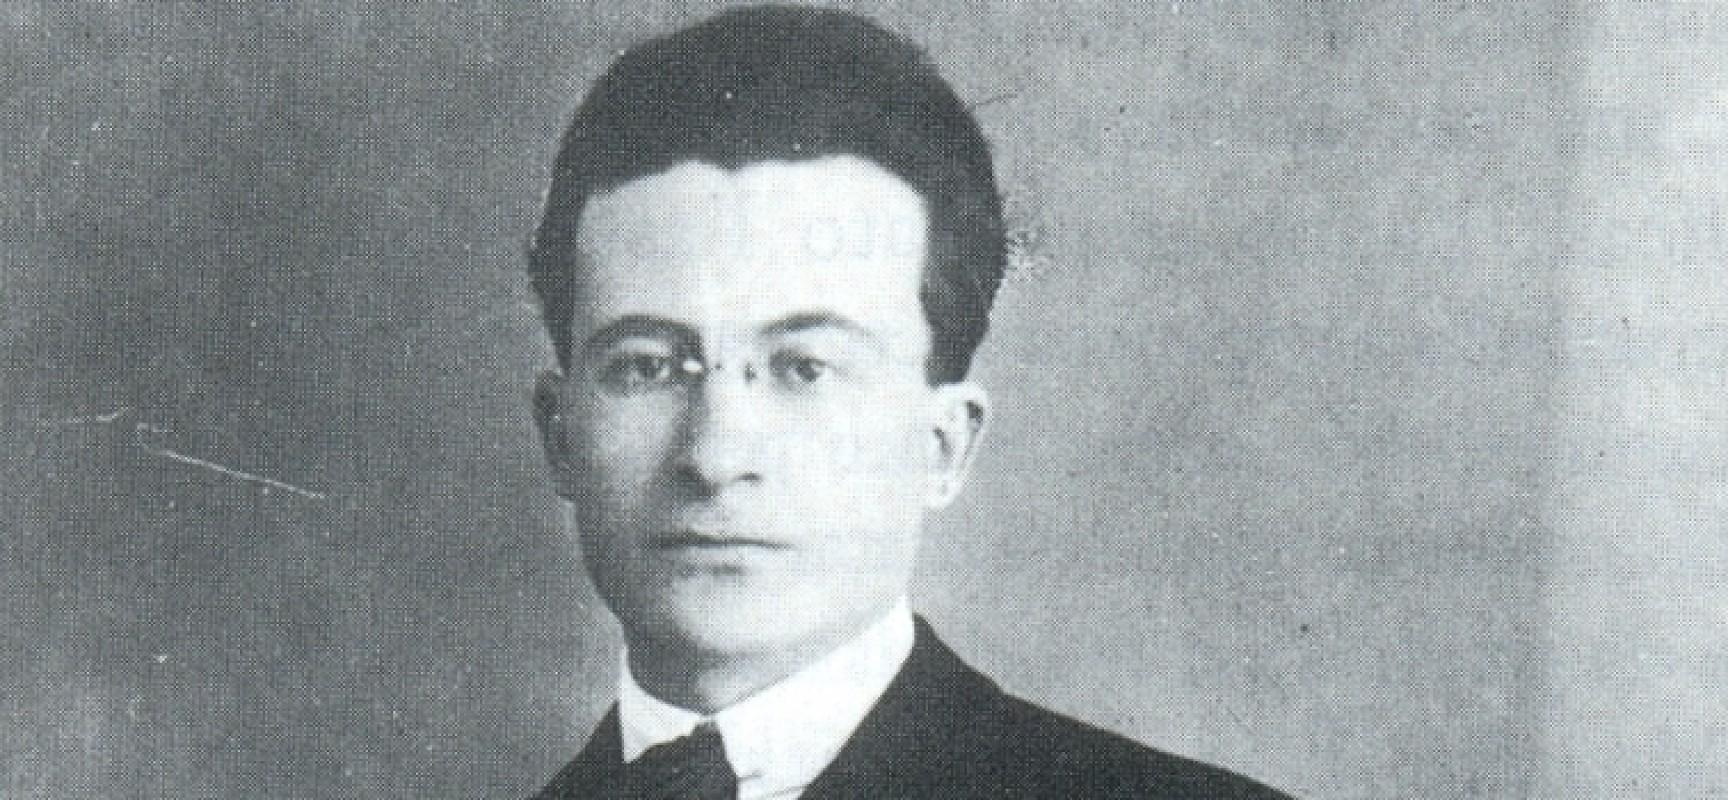 A cinquant'anni dalla scomparsa, cittadinanza onoraria al patriota e politico Vincenzo Calace